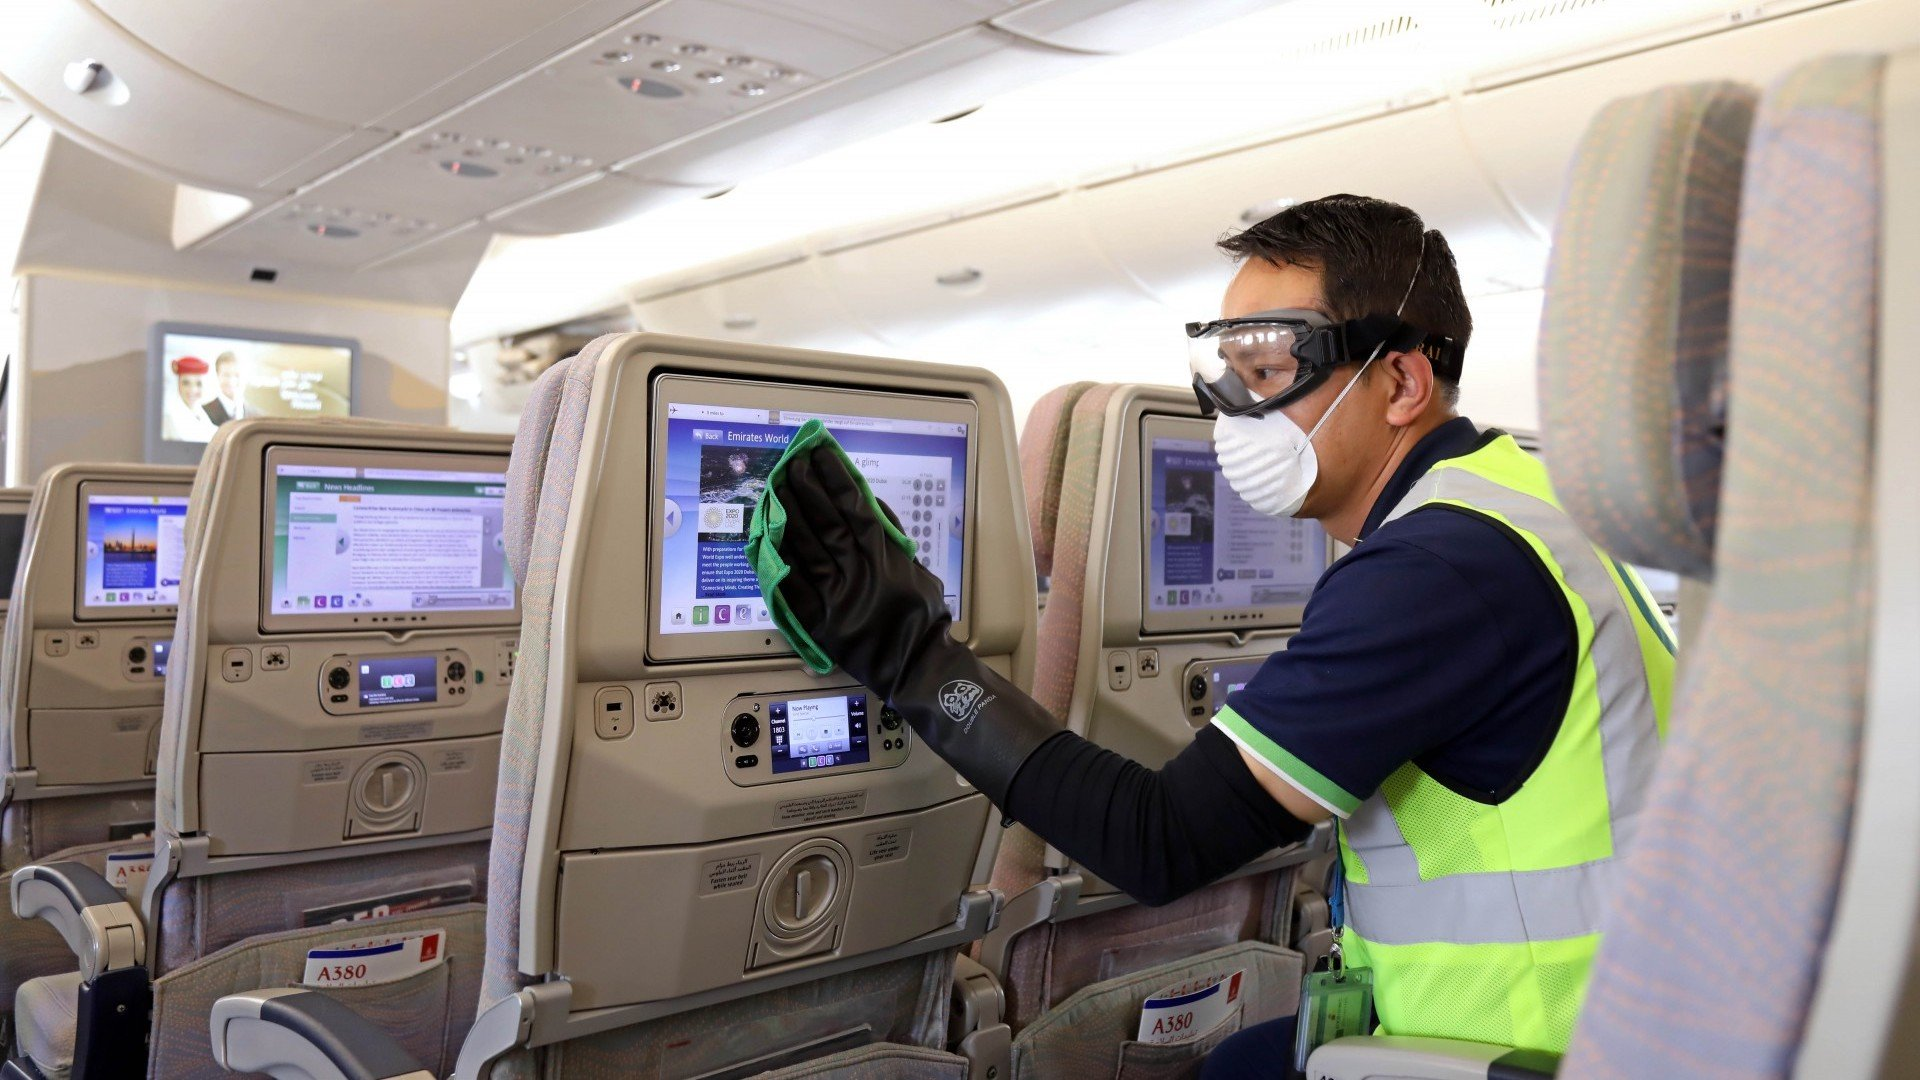 ¿Qué posibilidades hay de contagiarse de coronavirus en un avión?